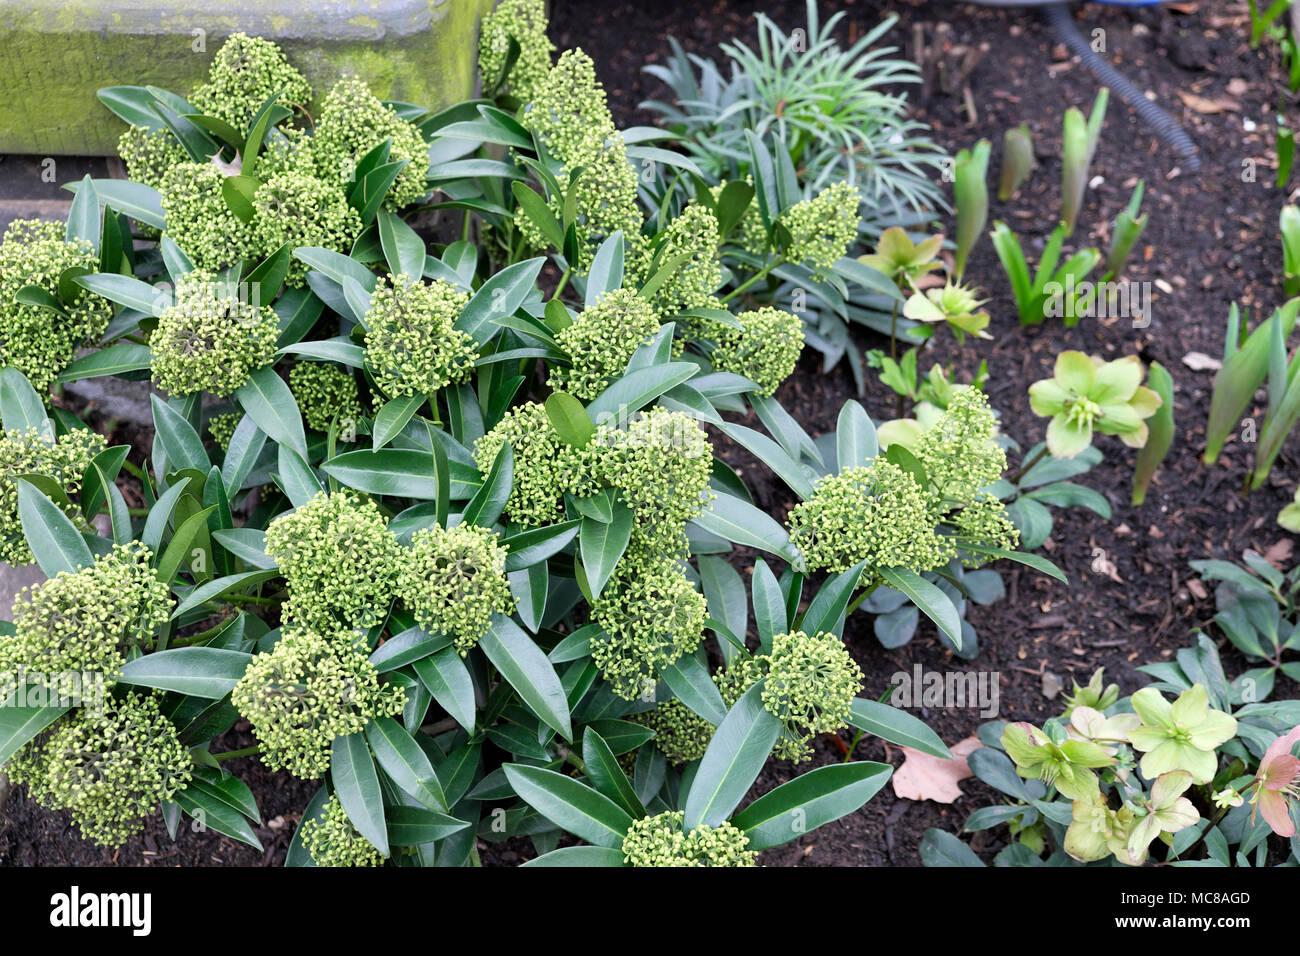 Skimmia x confusa 'Kew Green' duftenden Strauch mit geschlossenen Knospen wächst im Winter ein Garten, dessen Blüten im Frühjahr London UK KATHY DEWITT Blüte Stockfoto